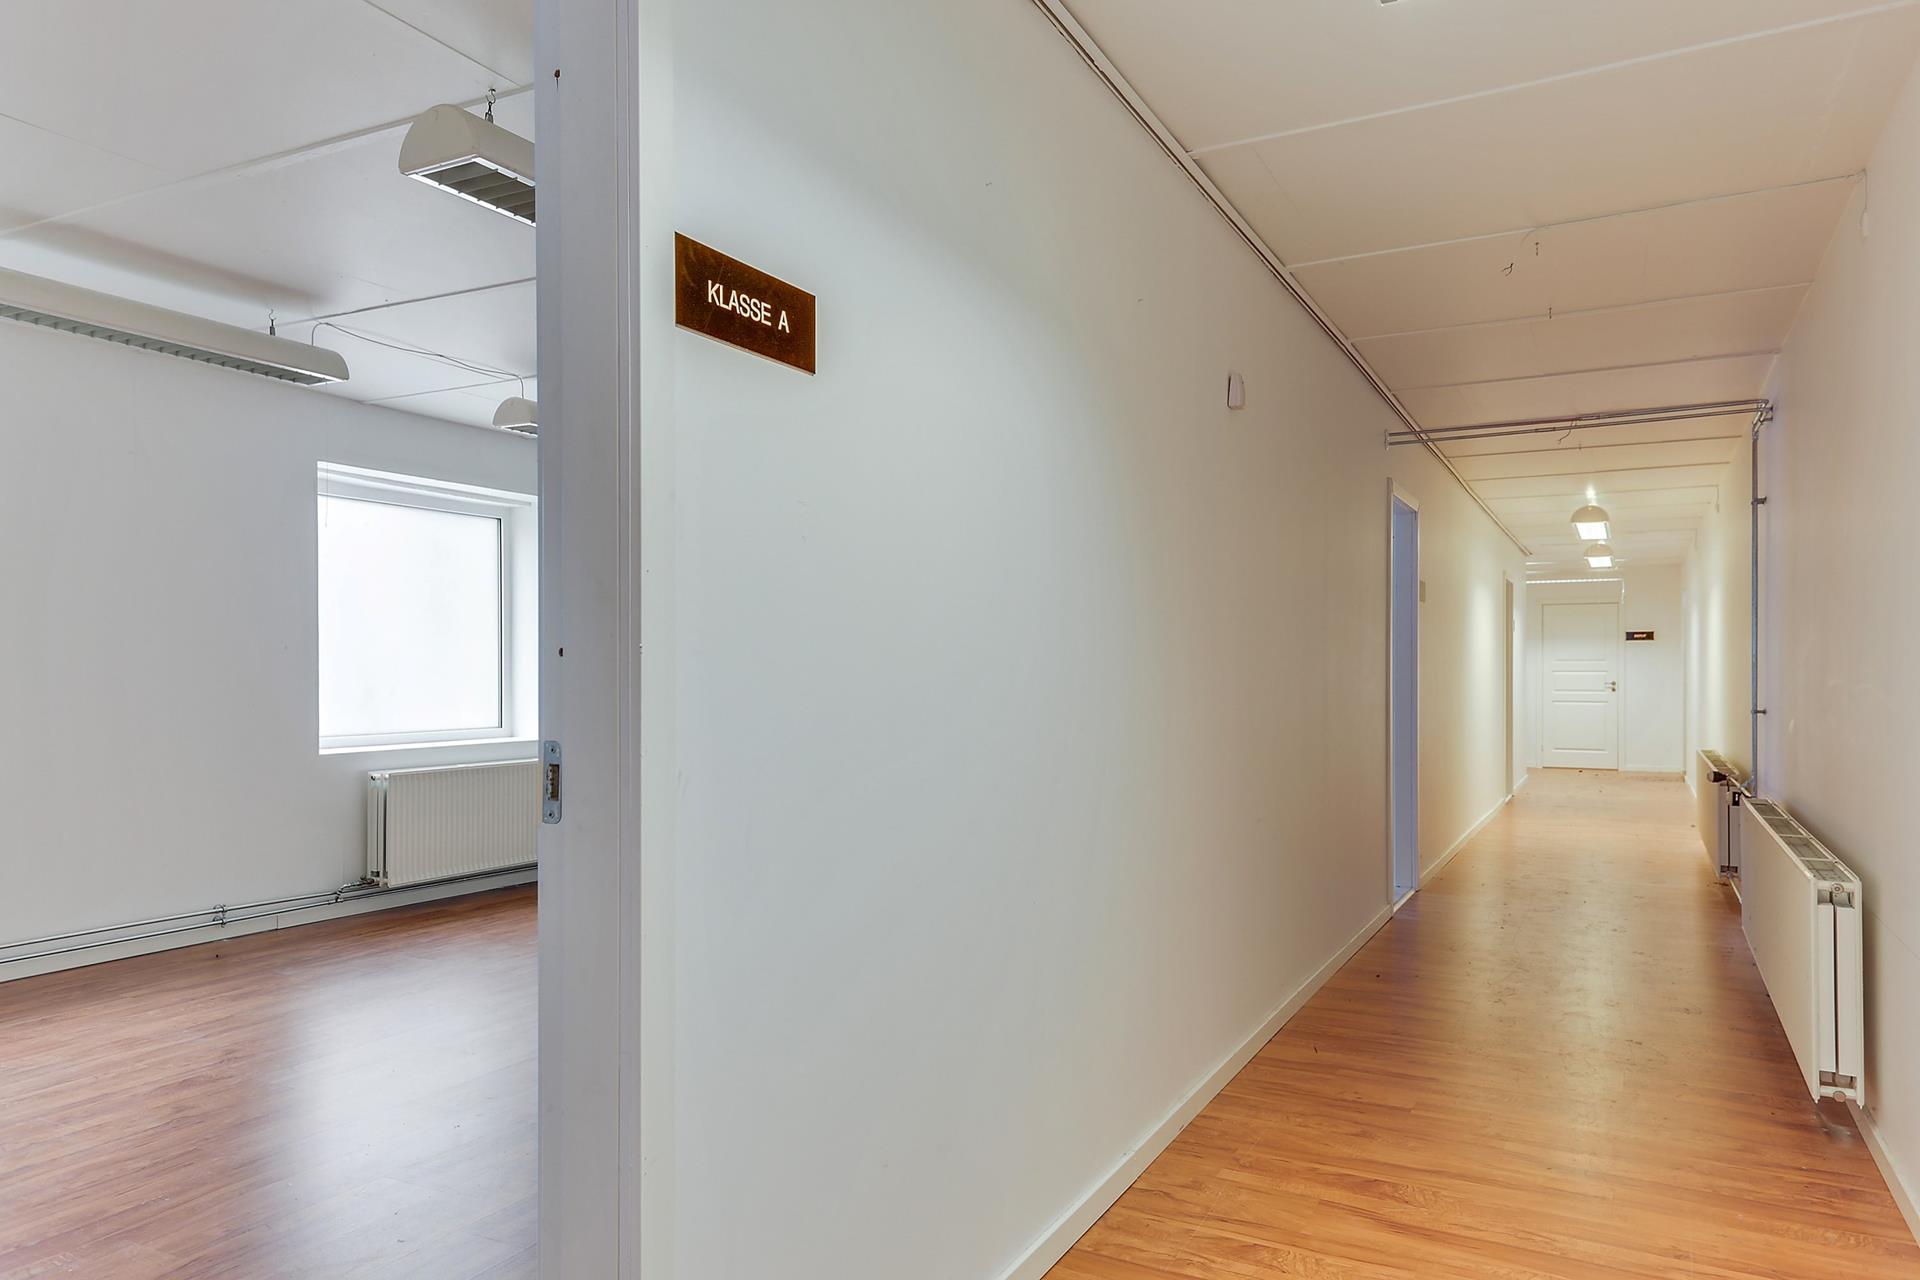 Bolig/erhverv på Elisagårdsvej i Roskilde - Hall